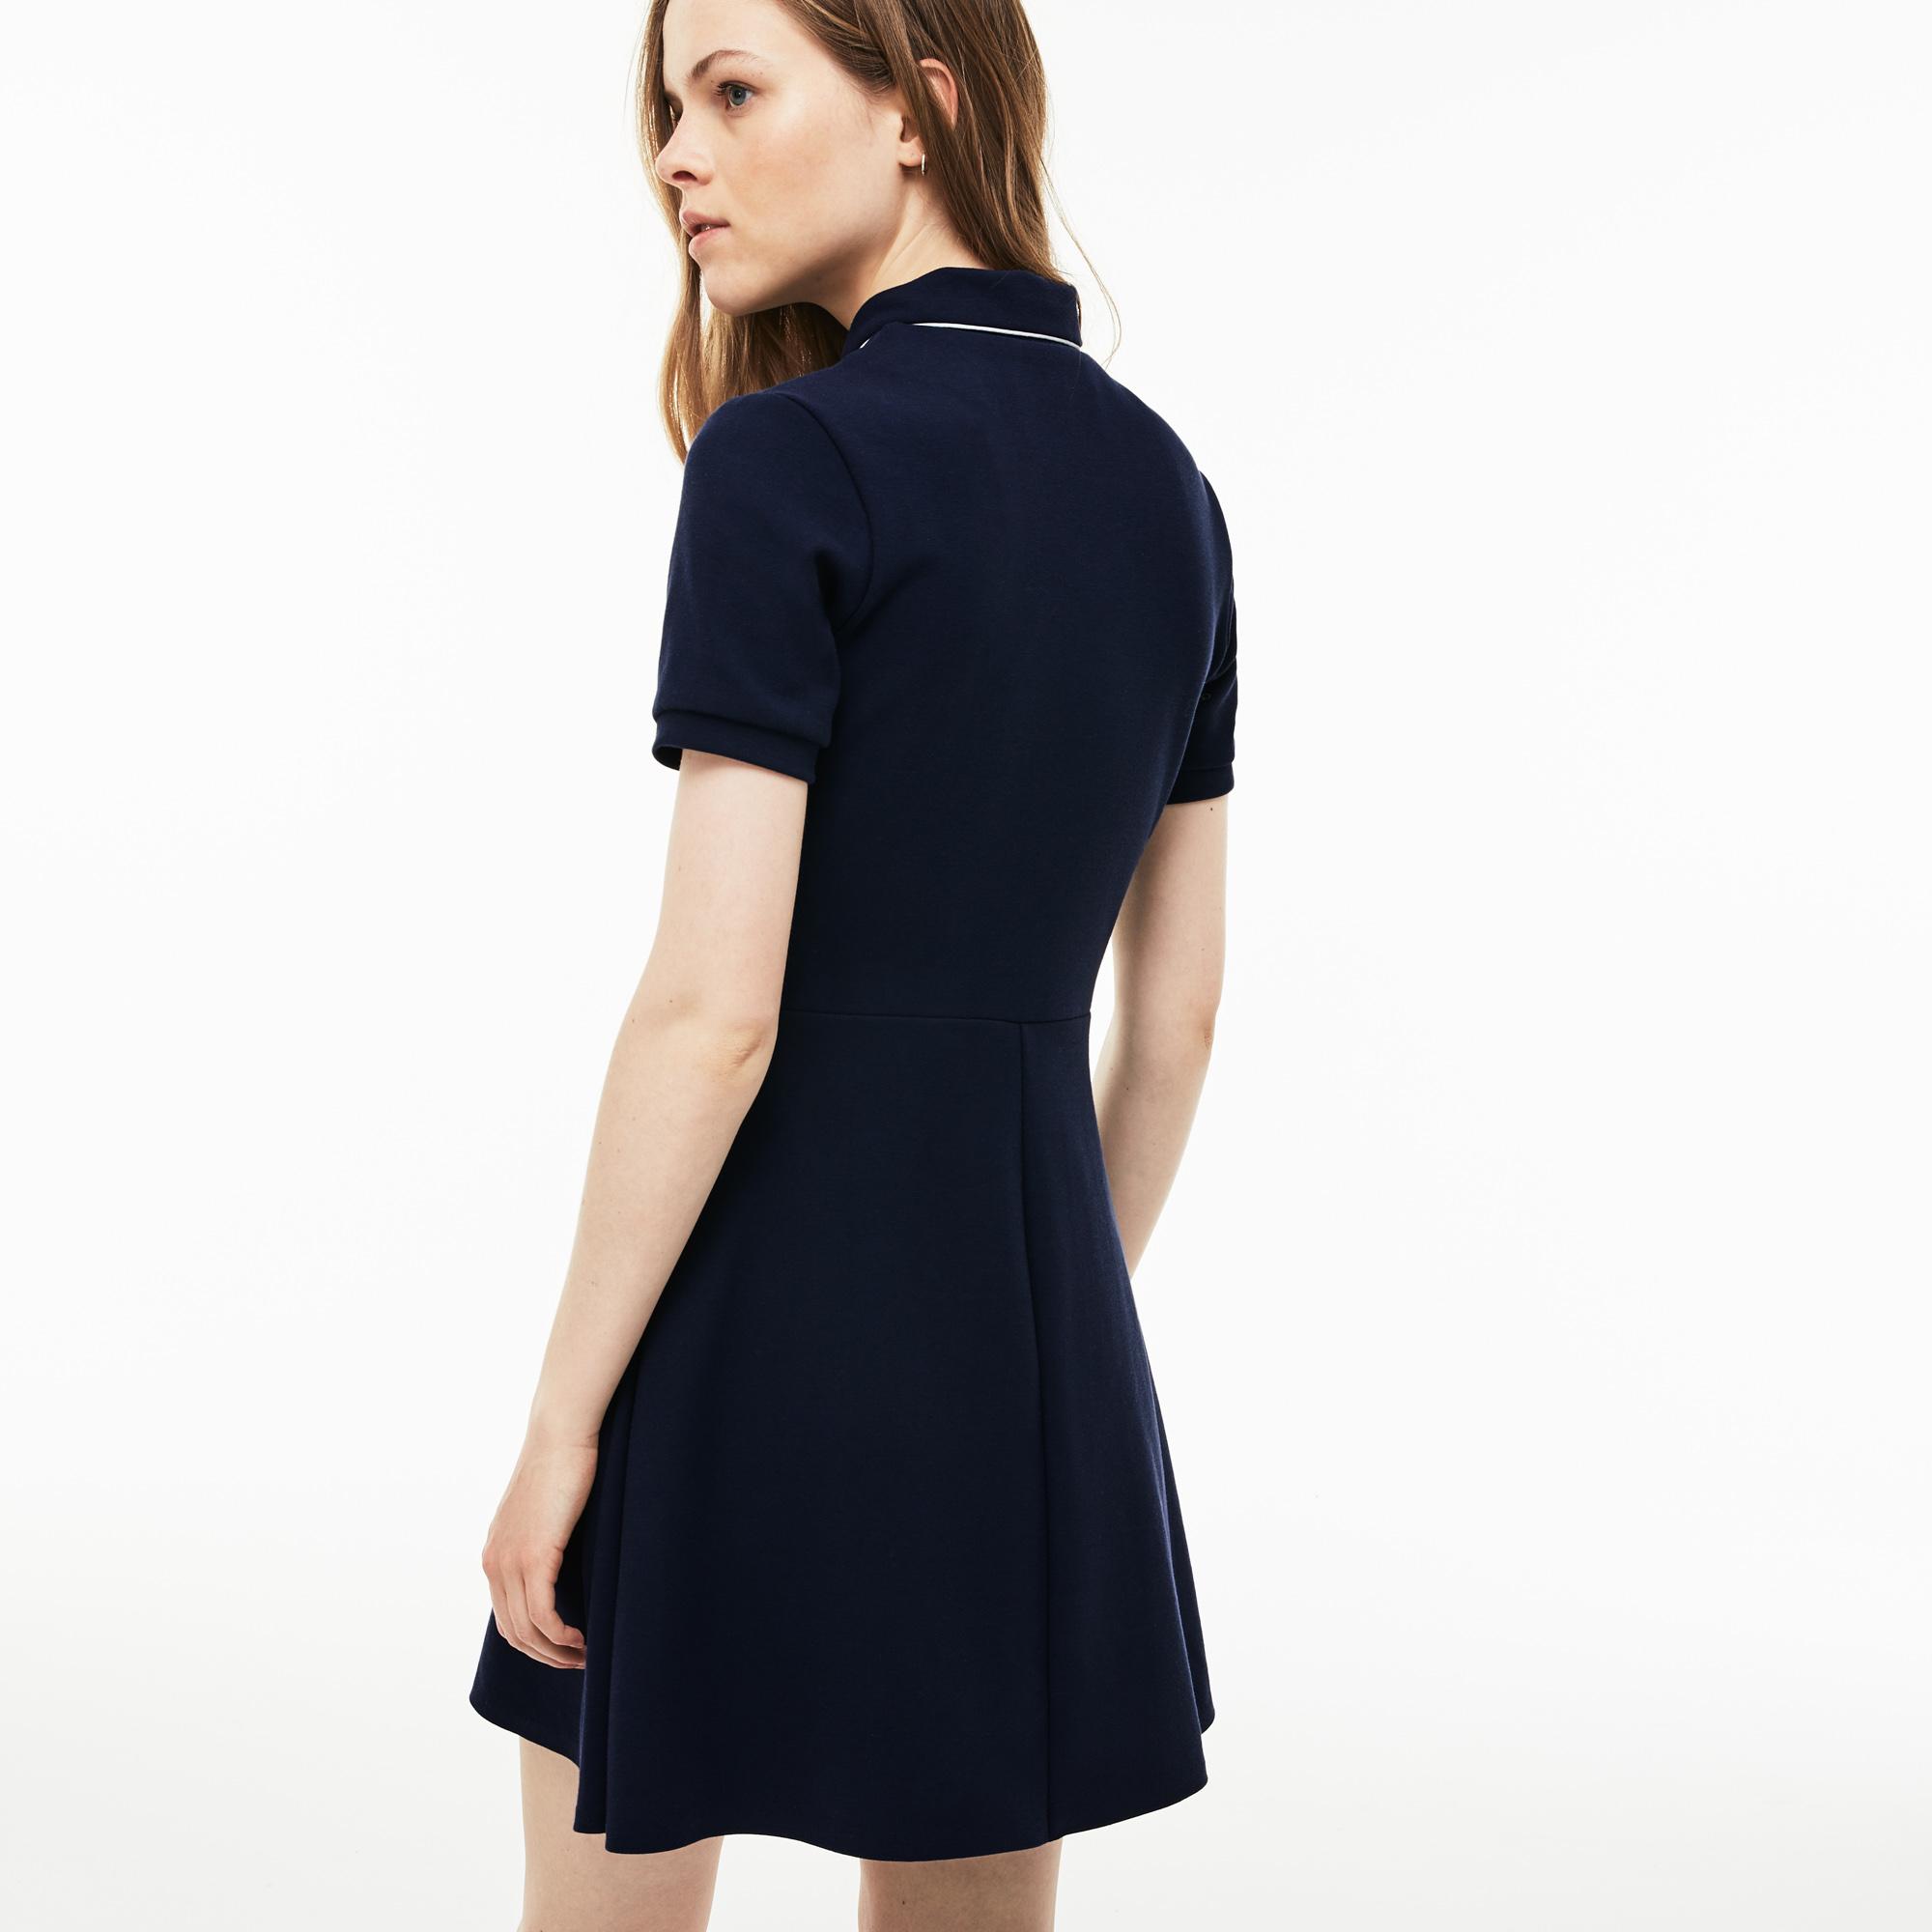 Фото 2 - Женское платье Lacoste темно-синего цвета